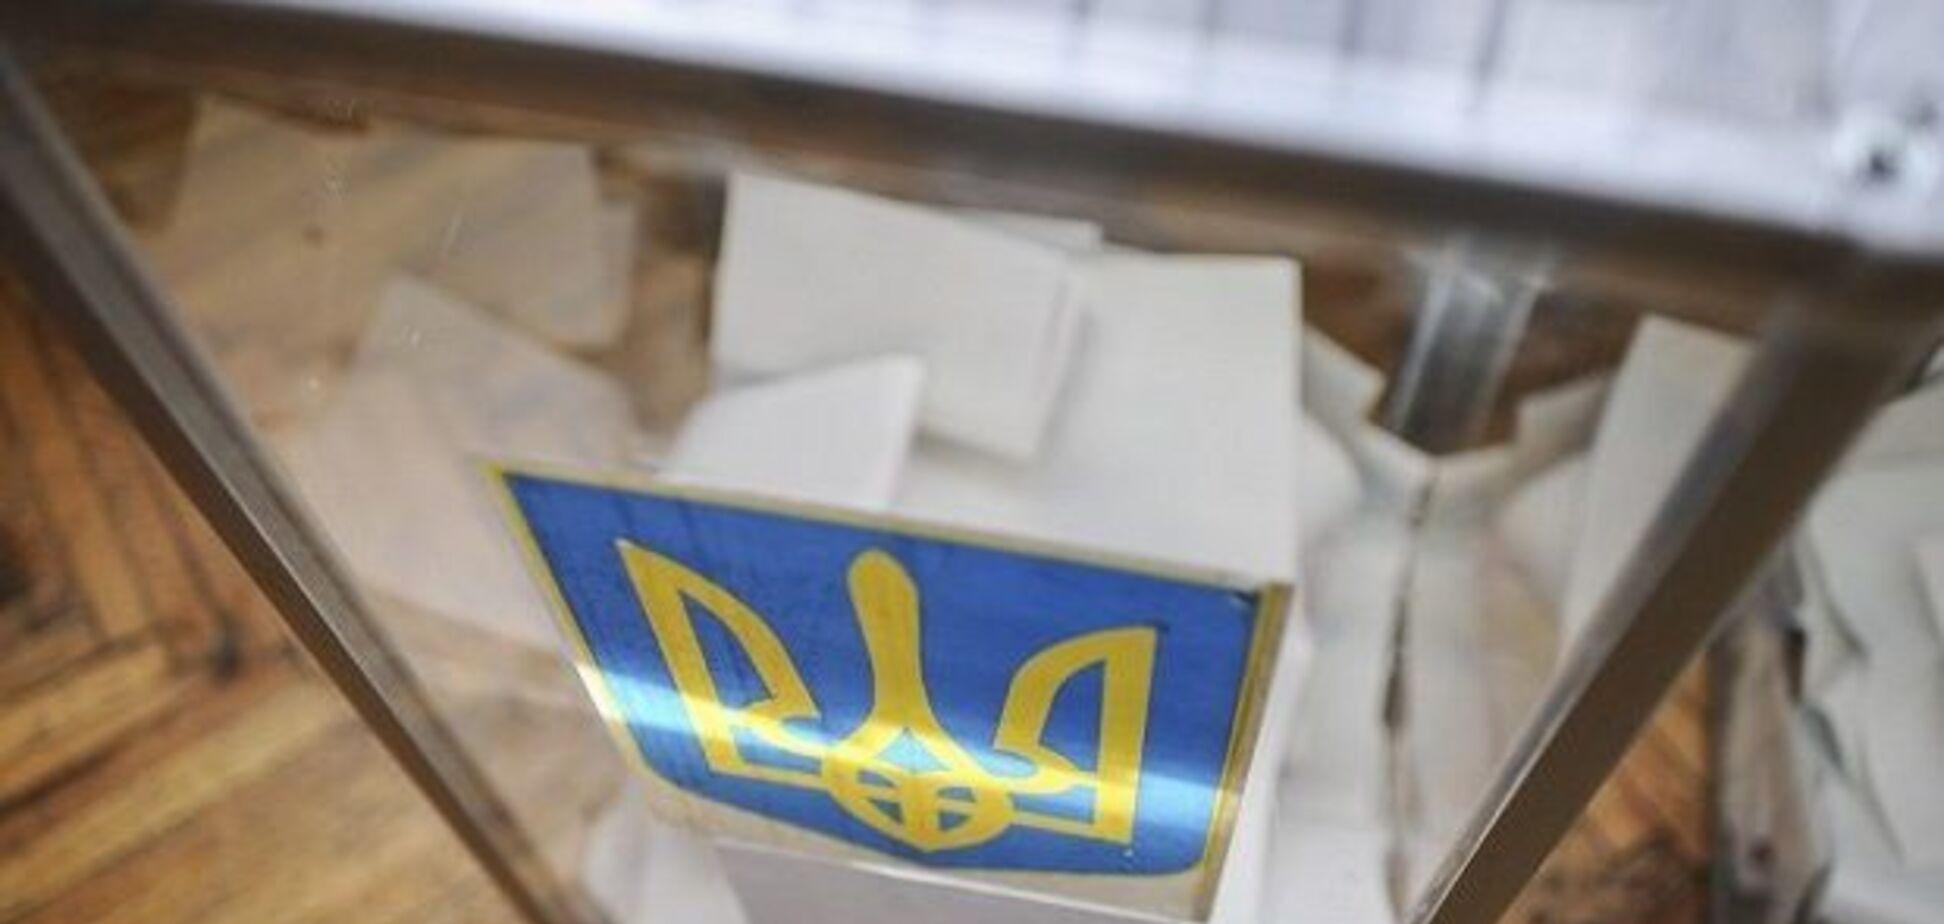 Іноземні спостерігачі оцінили роботу МВС під час виборів в Україні